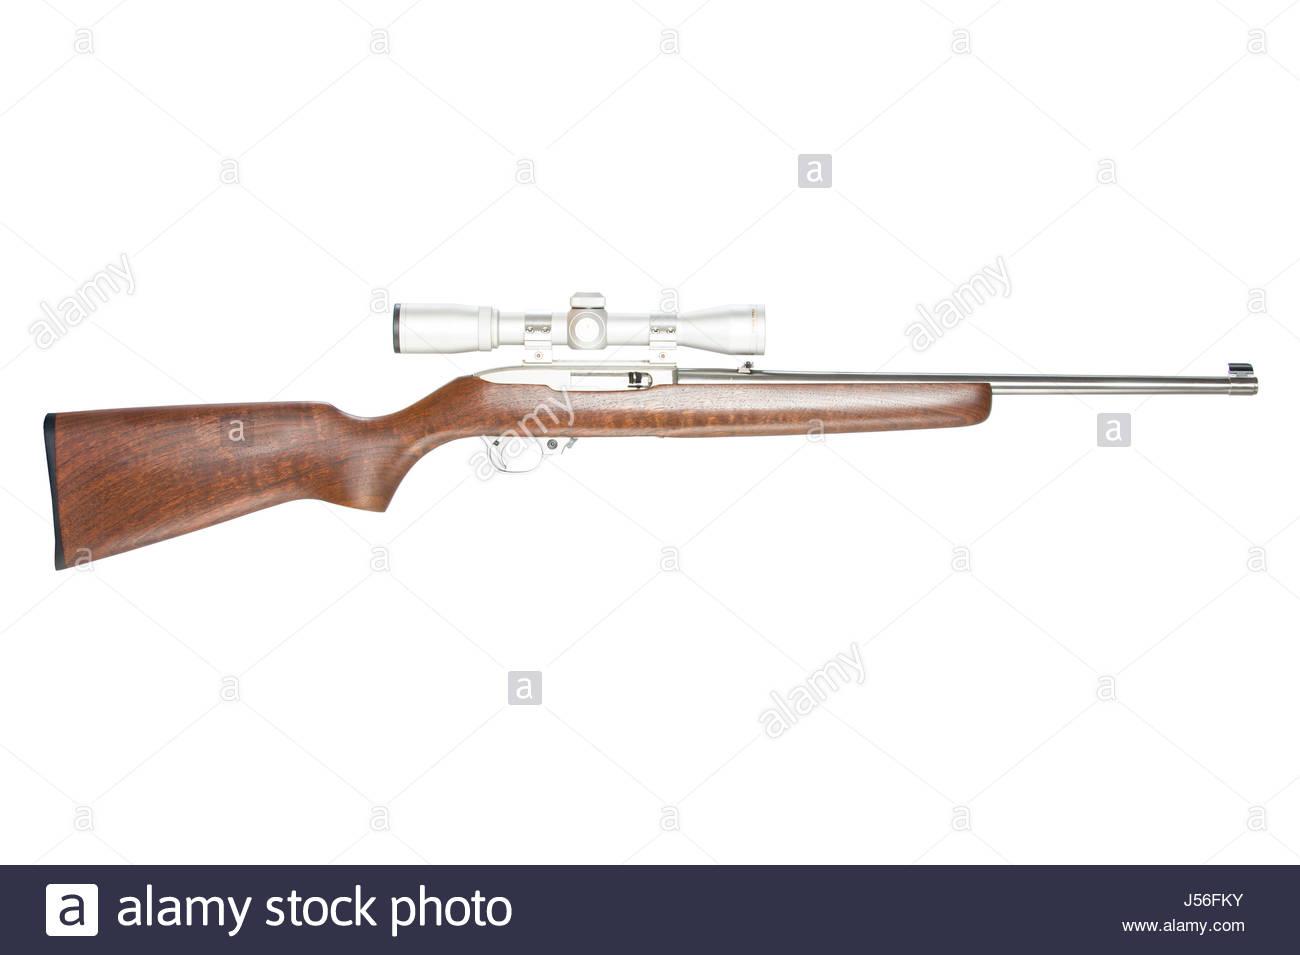 ruger 10 22 caliber